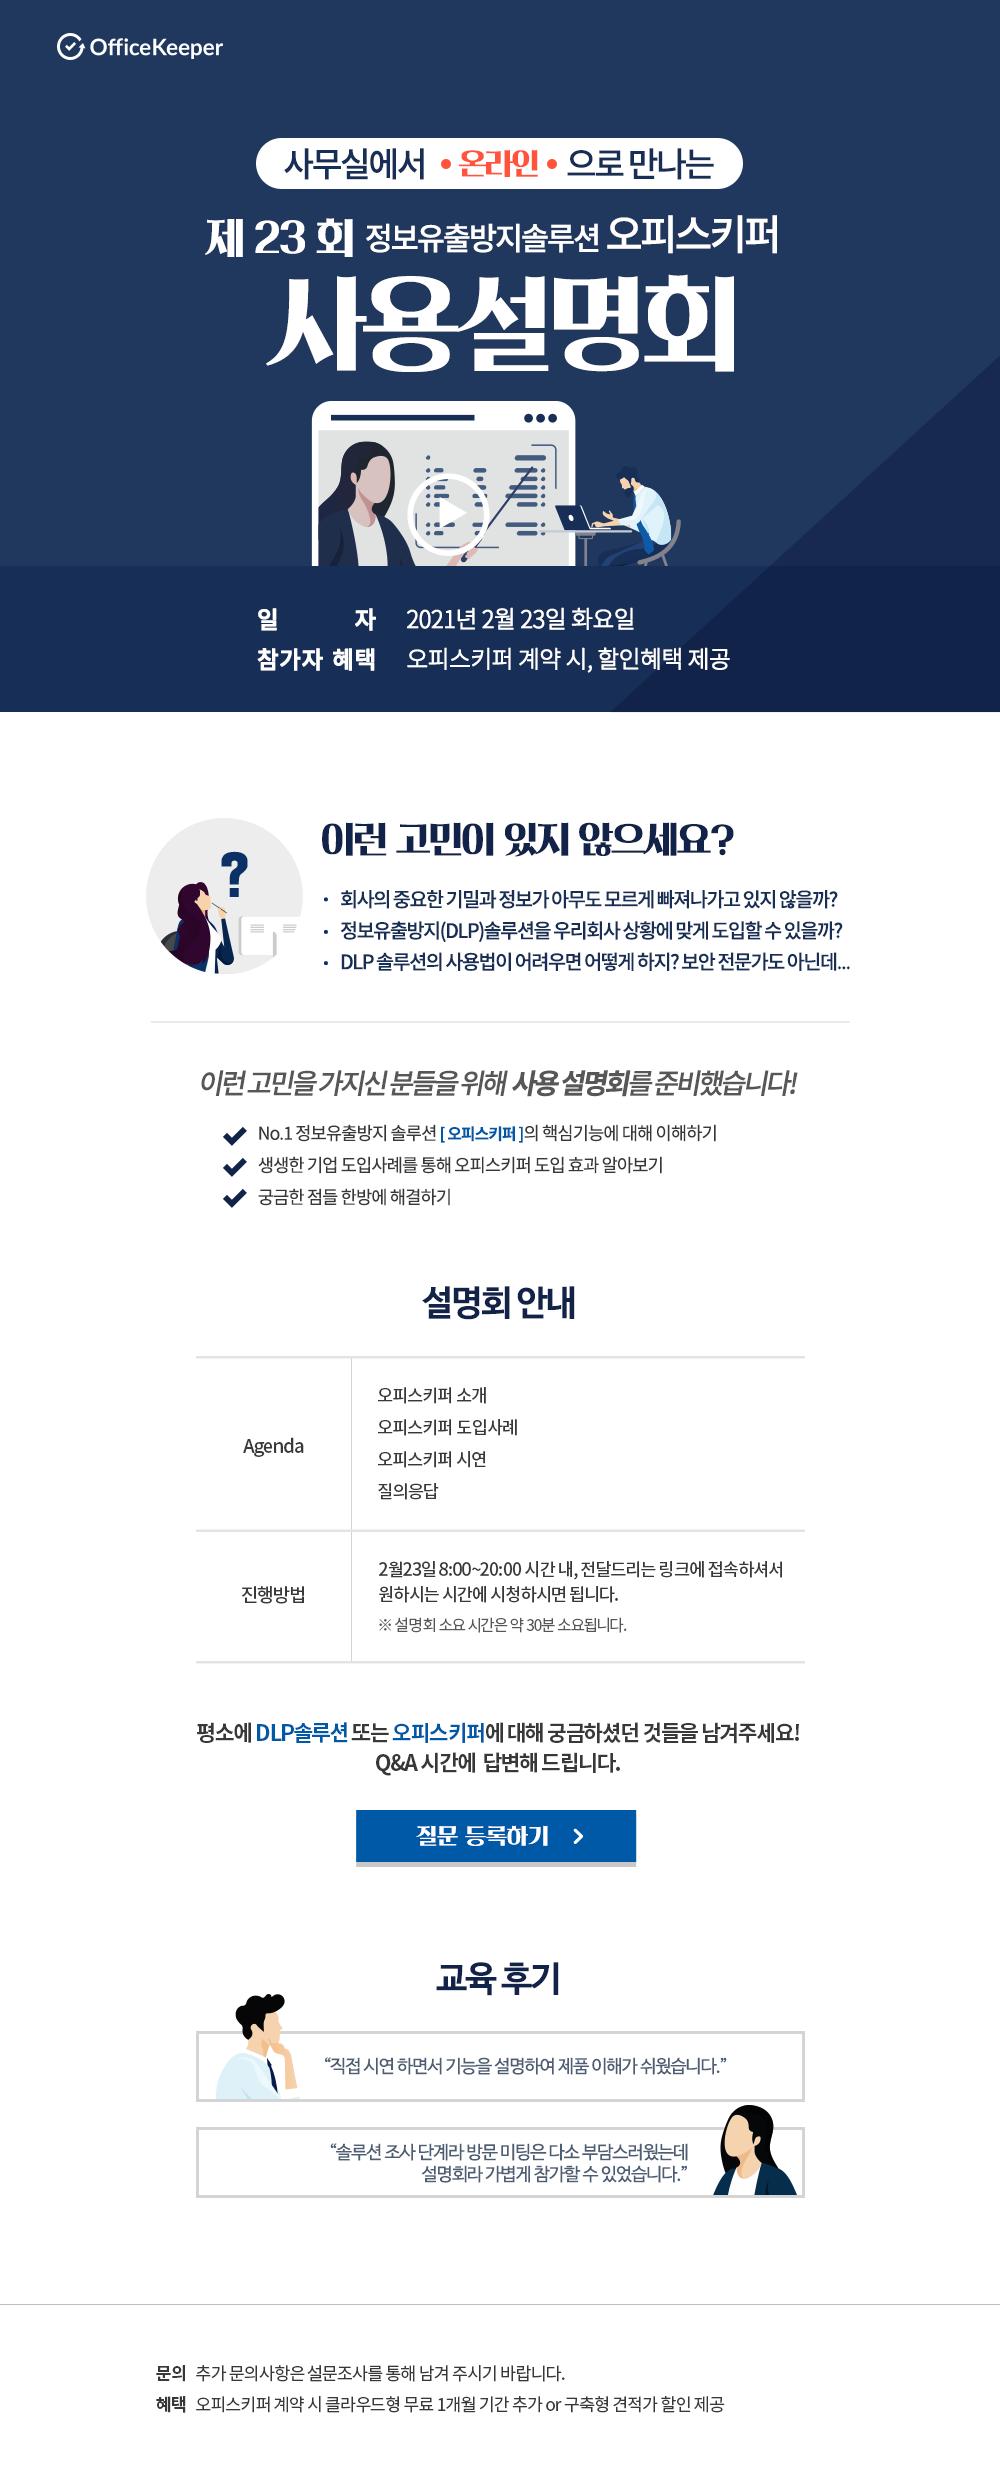 제23회 온라인 사용설명회 안내